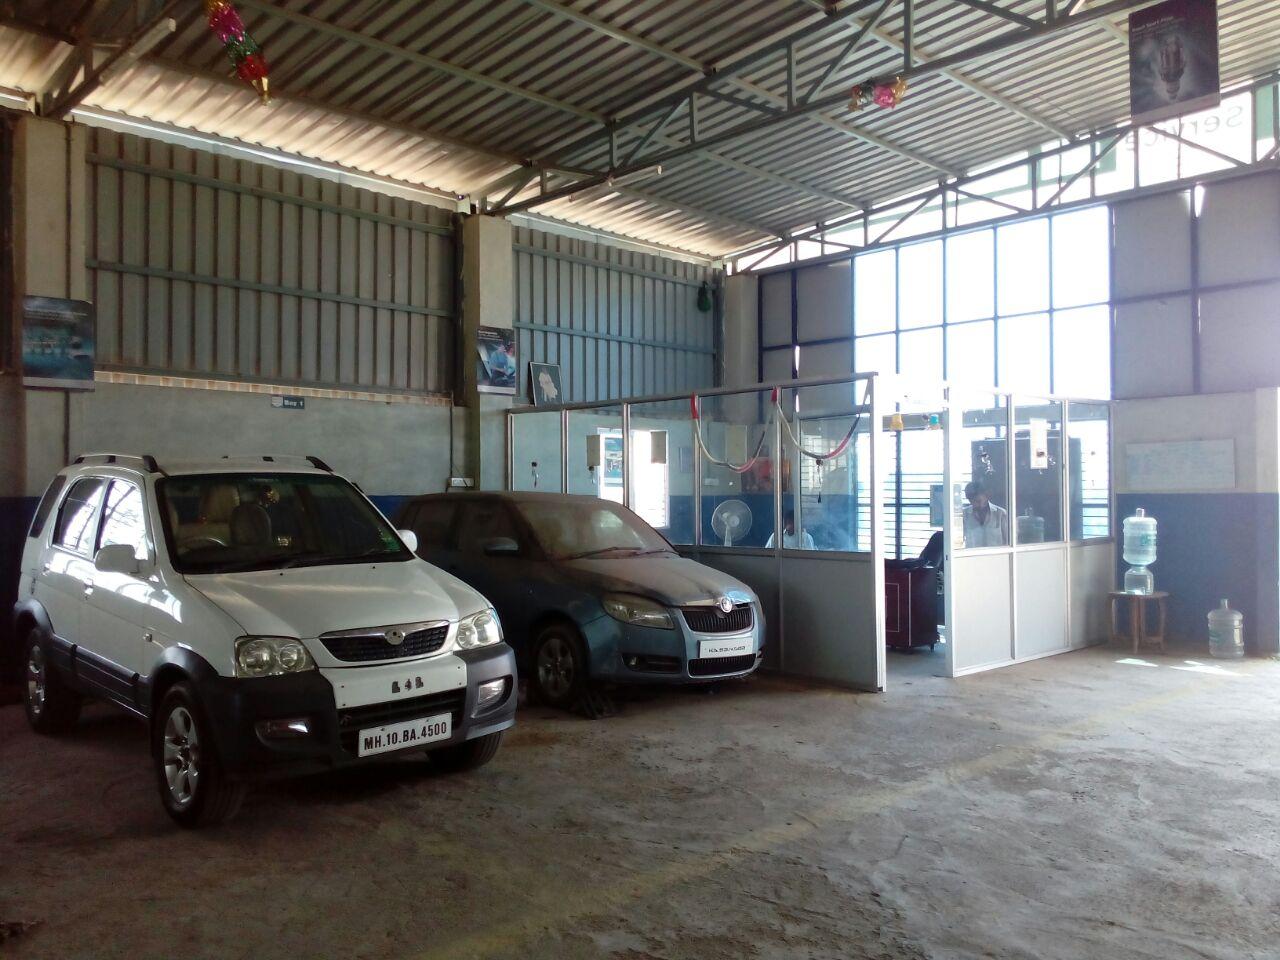 Chigadani Motors